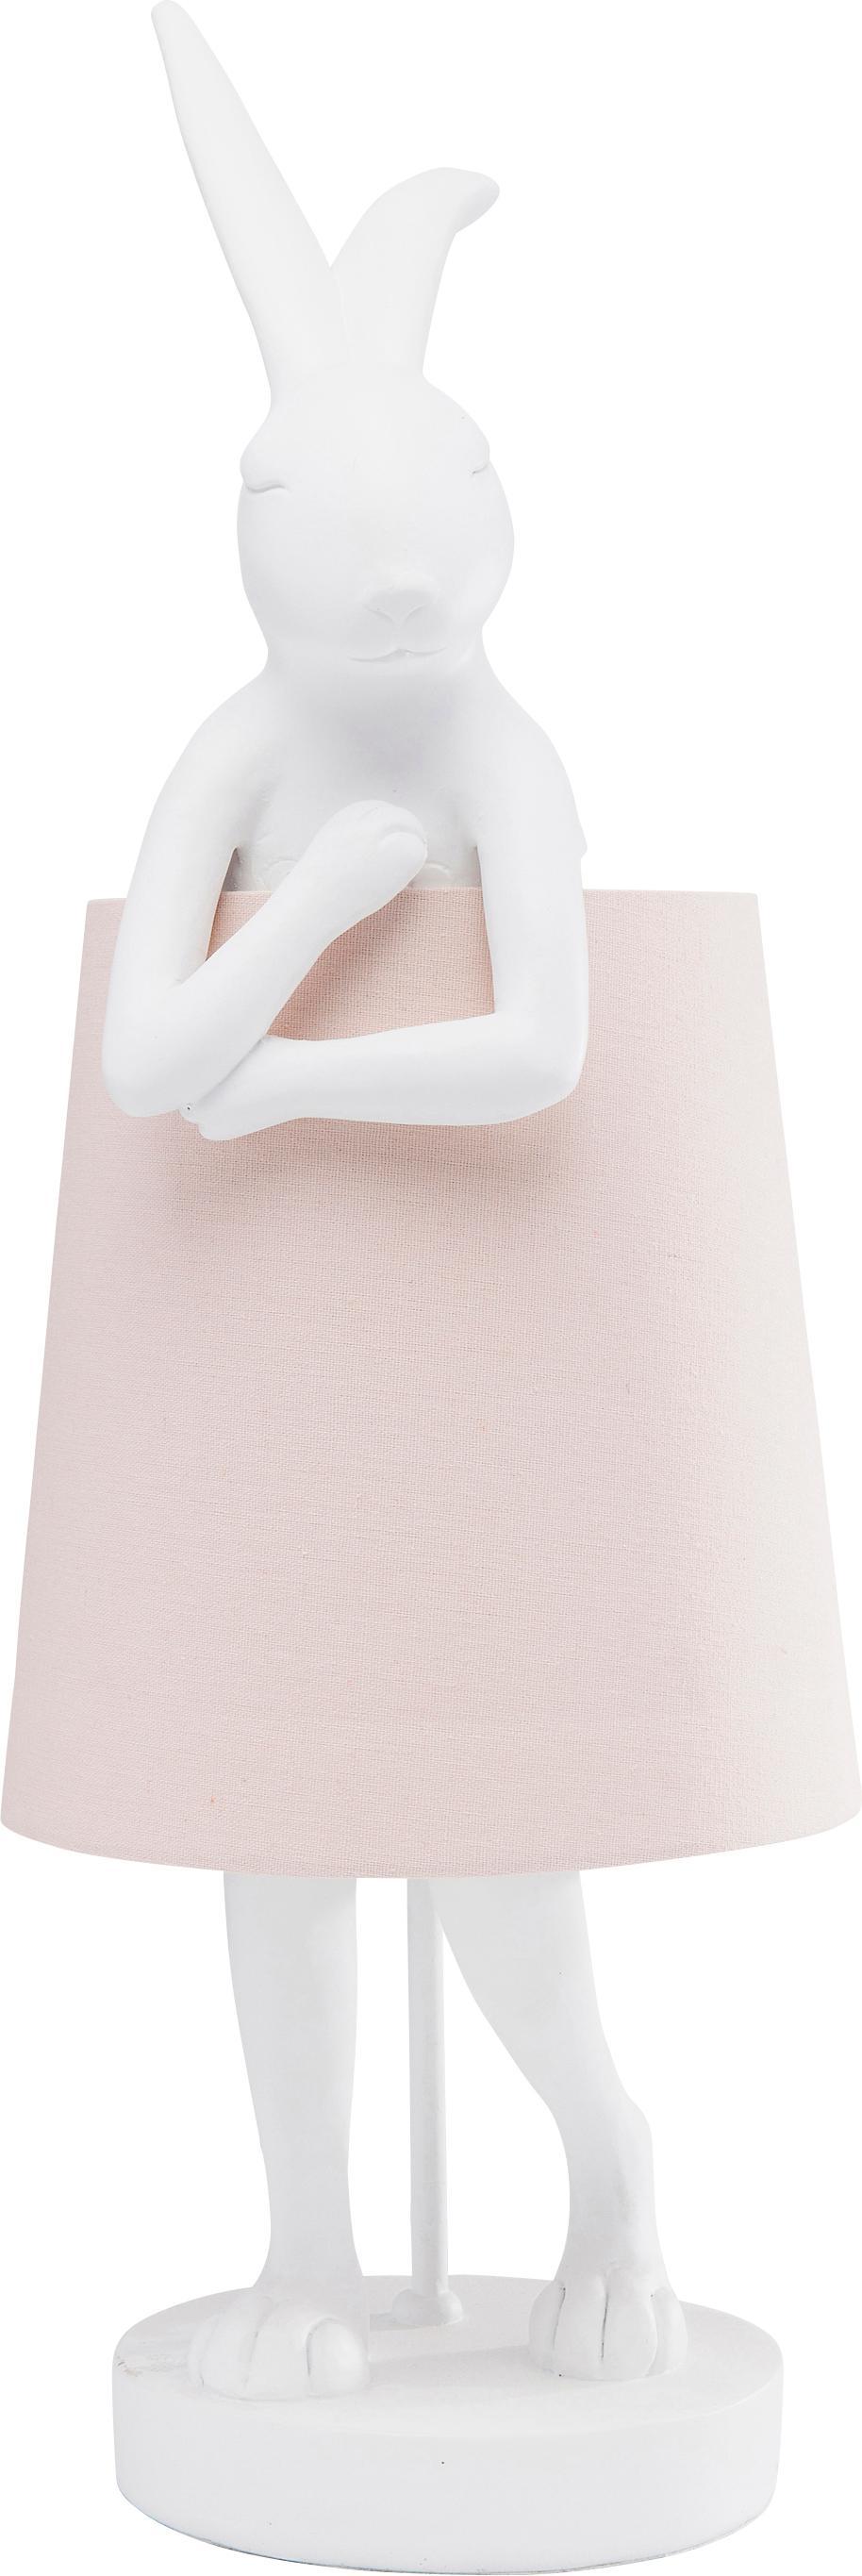 Lámpara de mesa de diseñoRabbit, Pantalla: lino, Cable: plástico, Blanco, rosa, Ø 23 x Al 68 cm